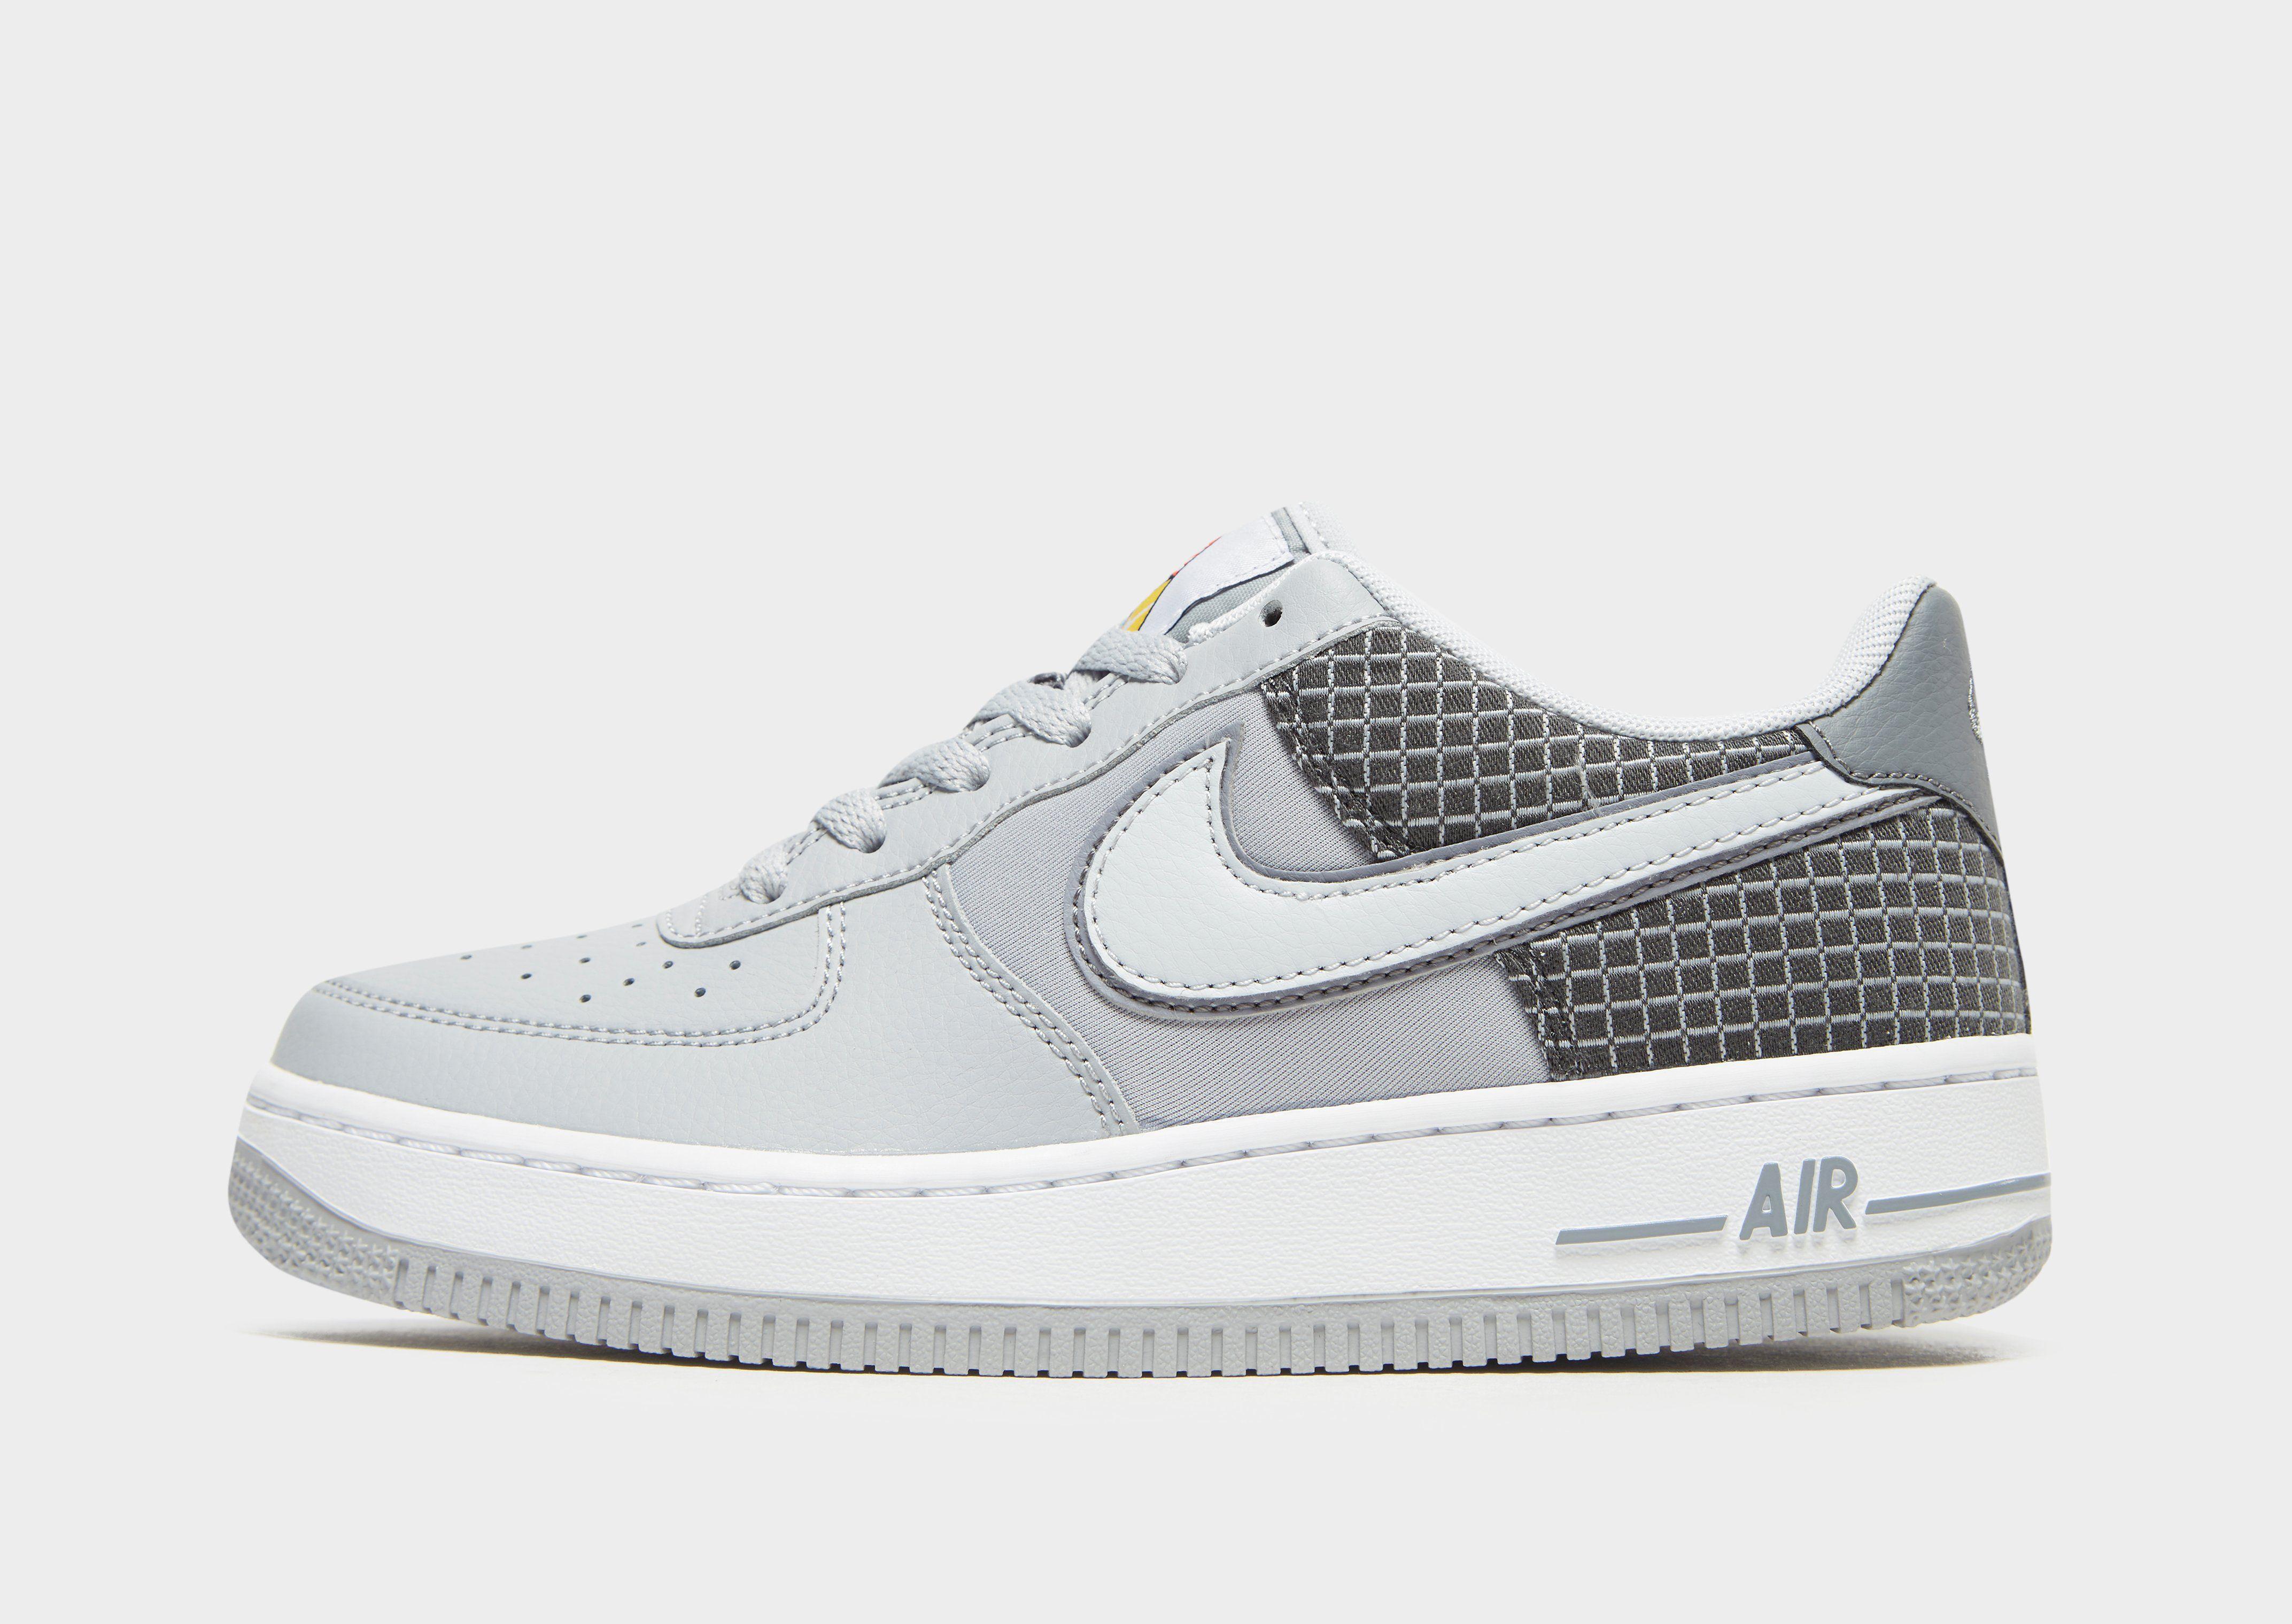 low priced 69cfa 54c6d Nike Air Force 1 Low Junior